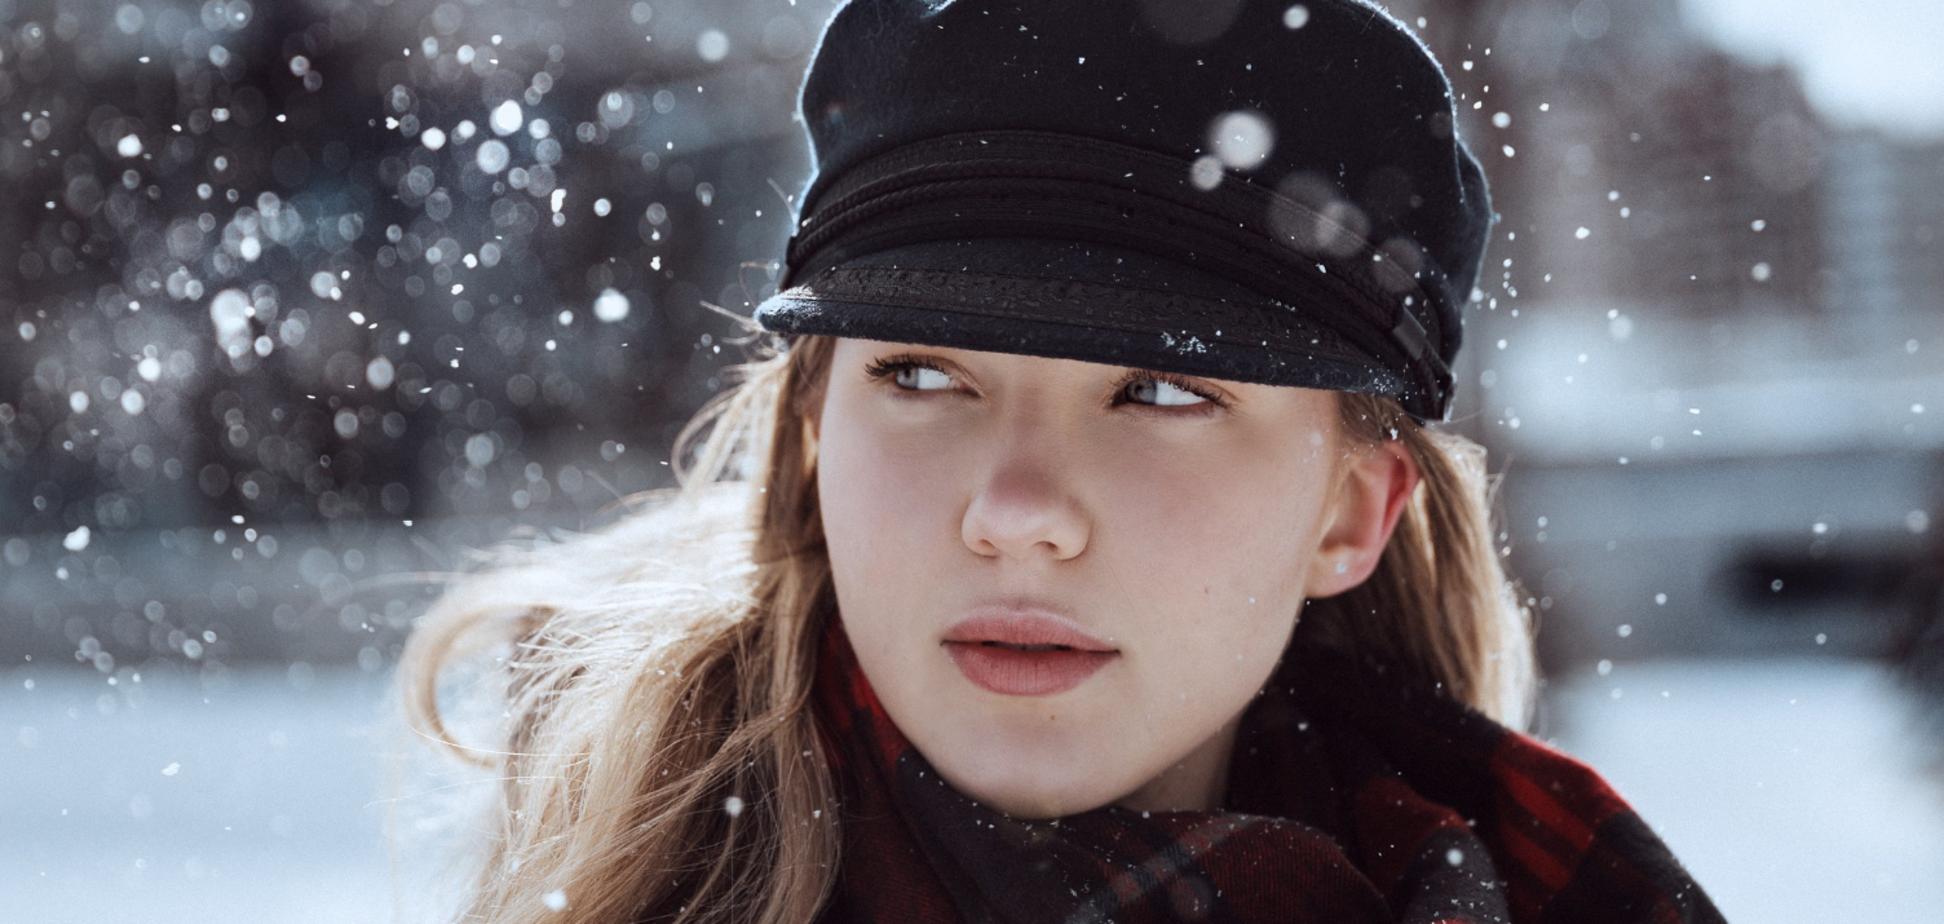 Лайфхаки, которые помогут отлично выглядеть зимой